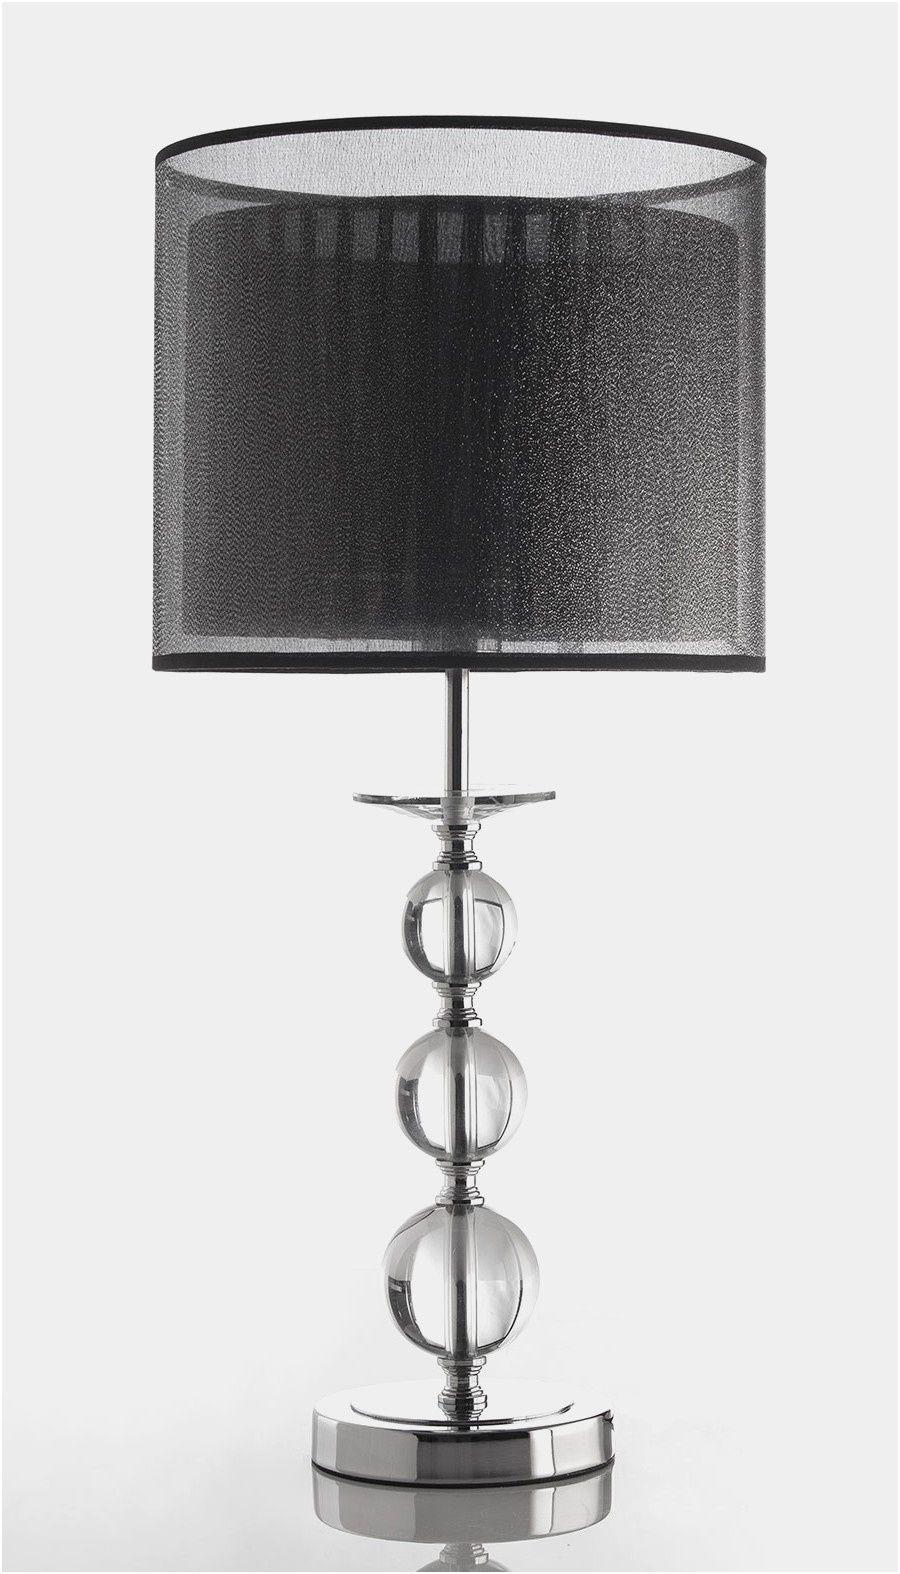 10 Meilleur De Lampe De Chevet Castorama Stock